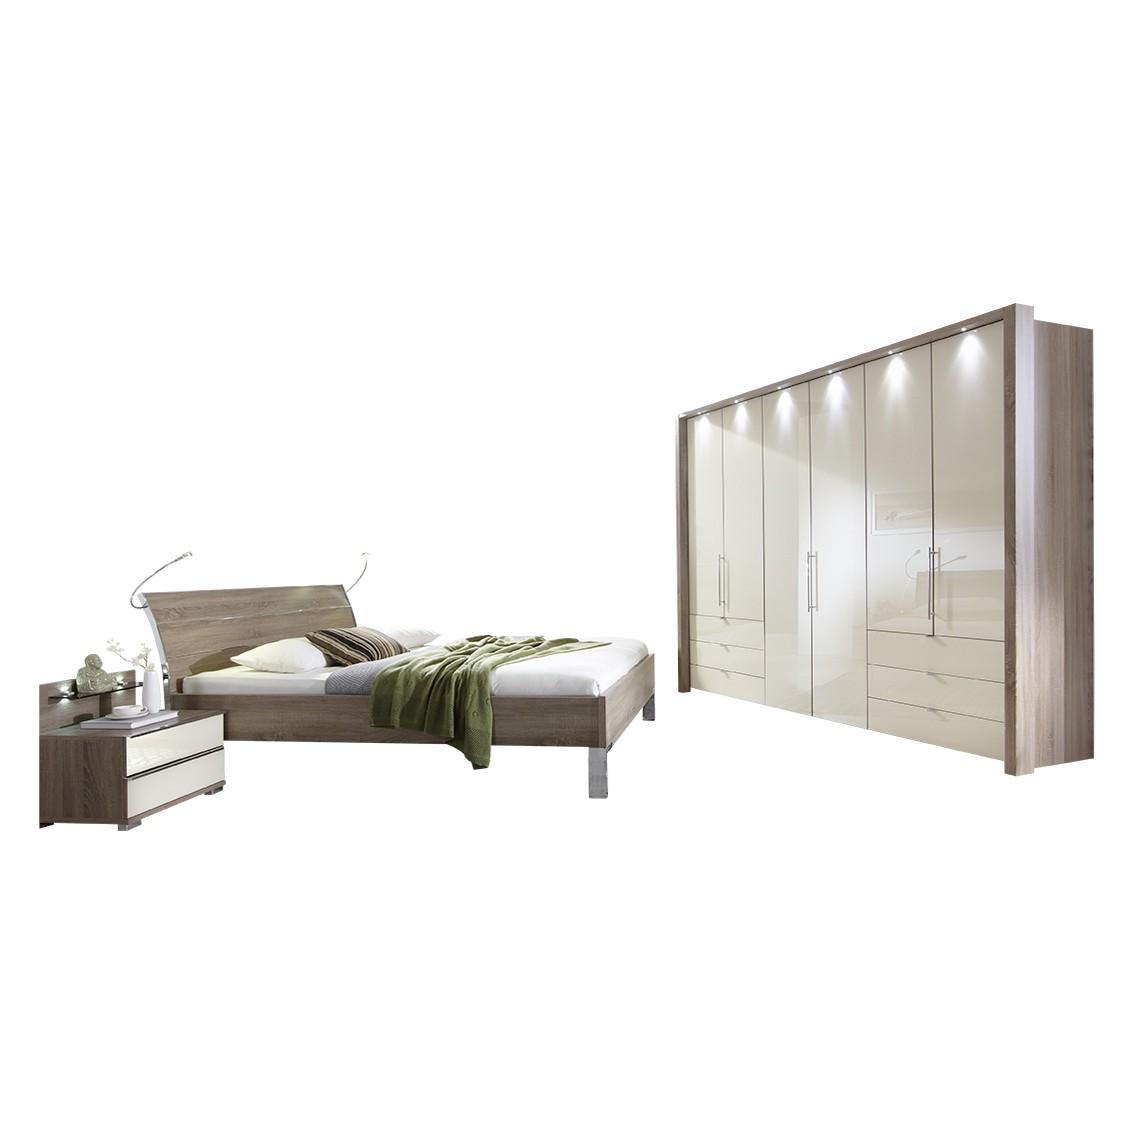 Schlafzimmer Loft – Trüffeleiche/Magnolie – 92 cm x 191 cm x 218 cm, Althoff günstig online kaufen